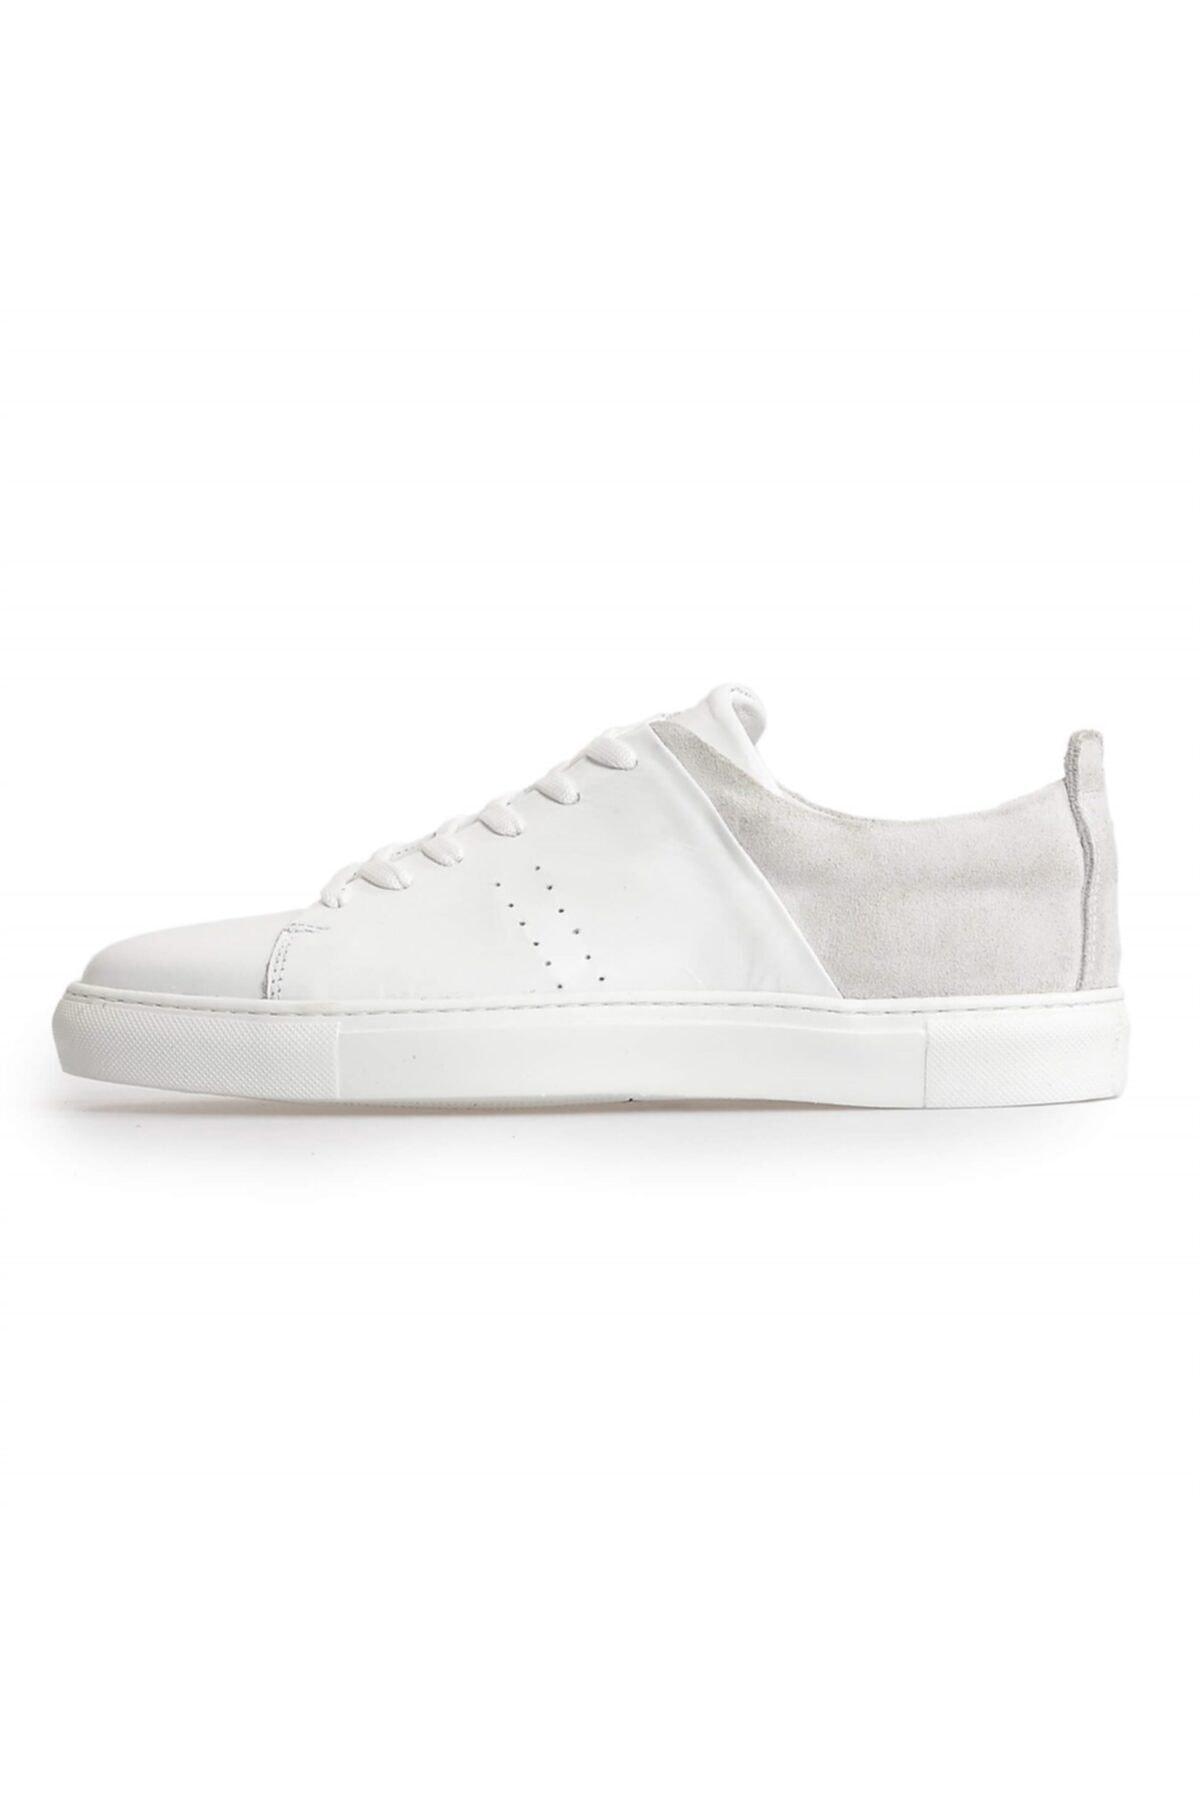 Flower Beyaz Deri Süet Kombin Bağcıklı Erkek Sneakers 1